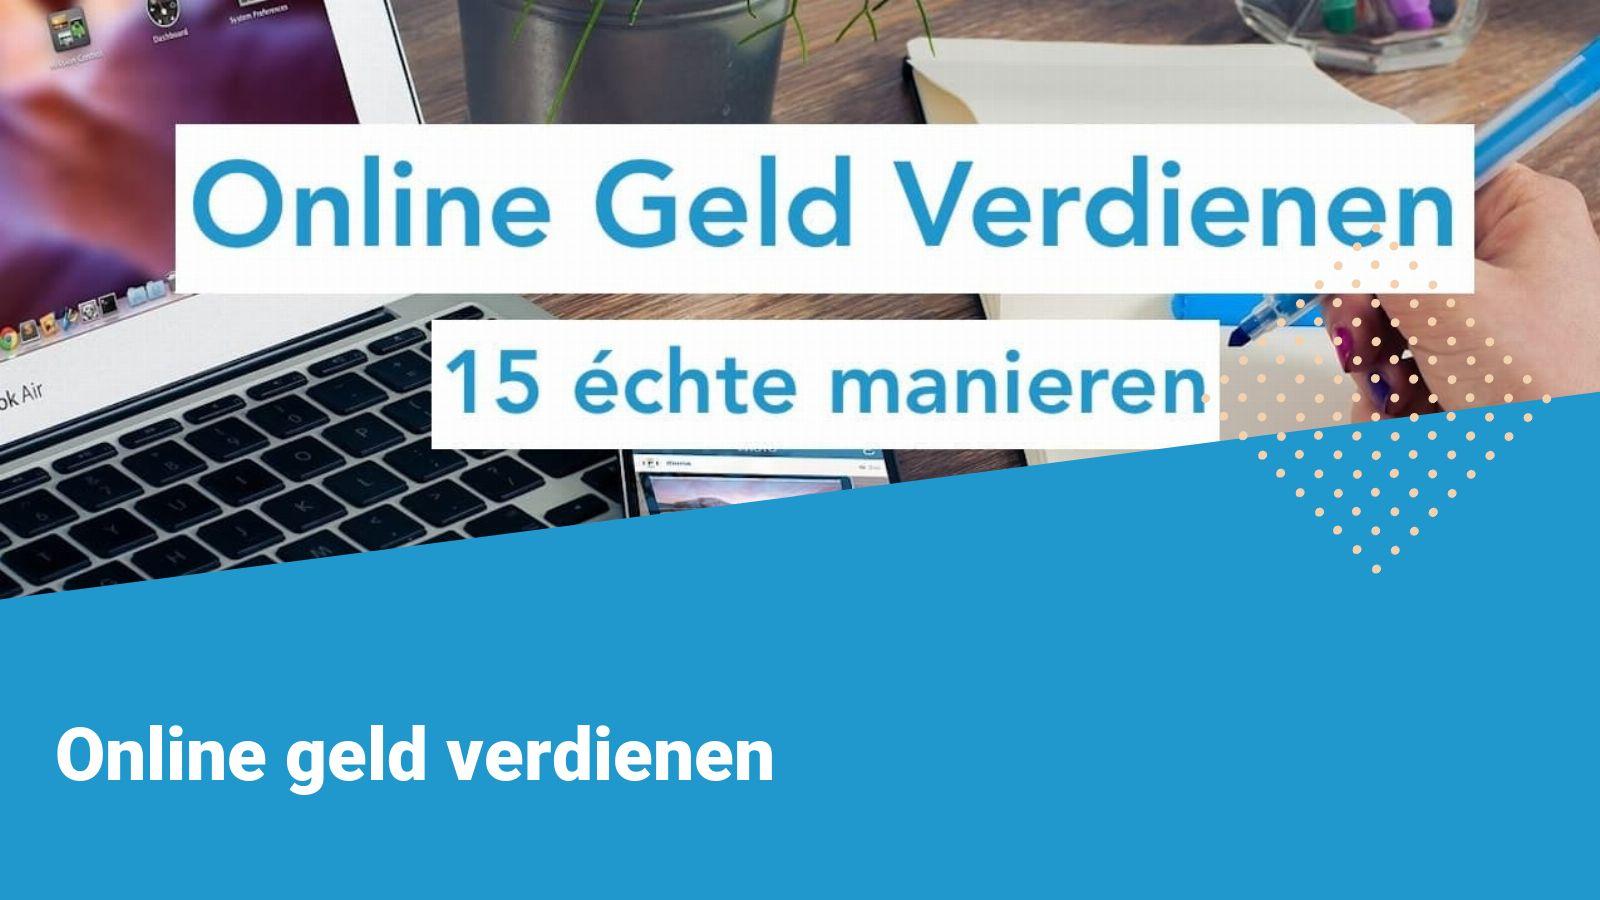 online geld verdienen 2021